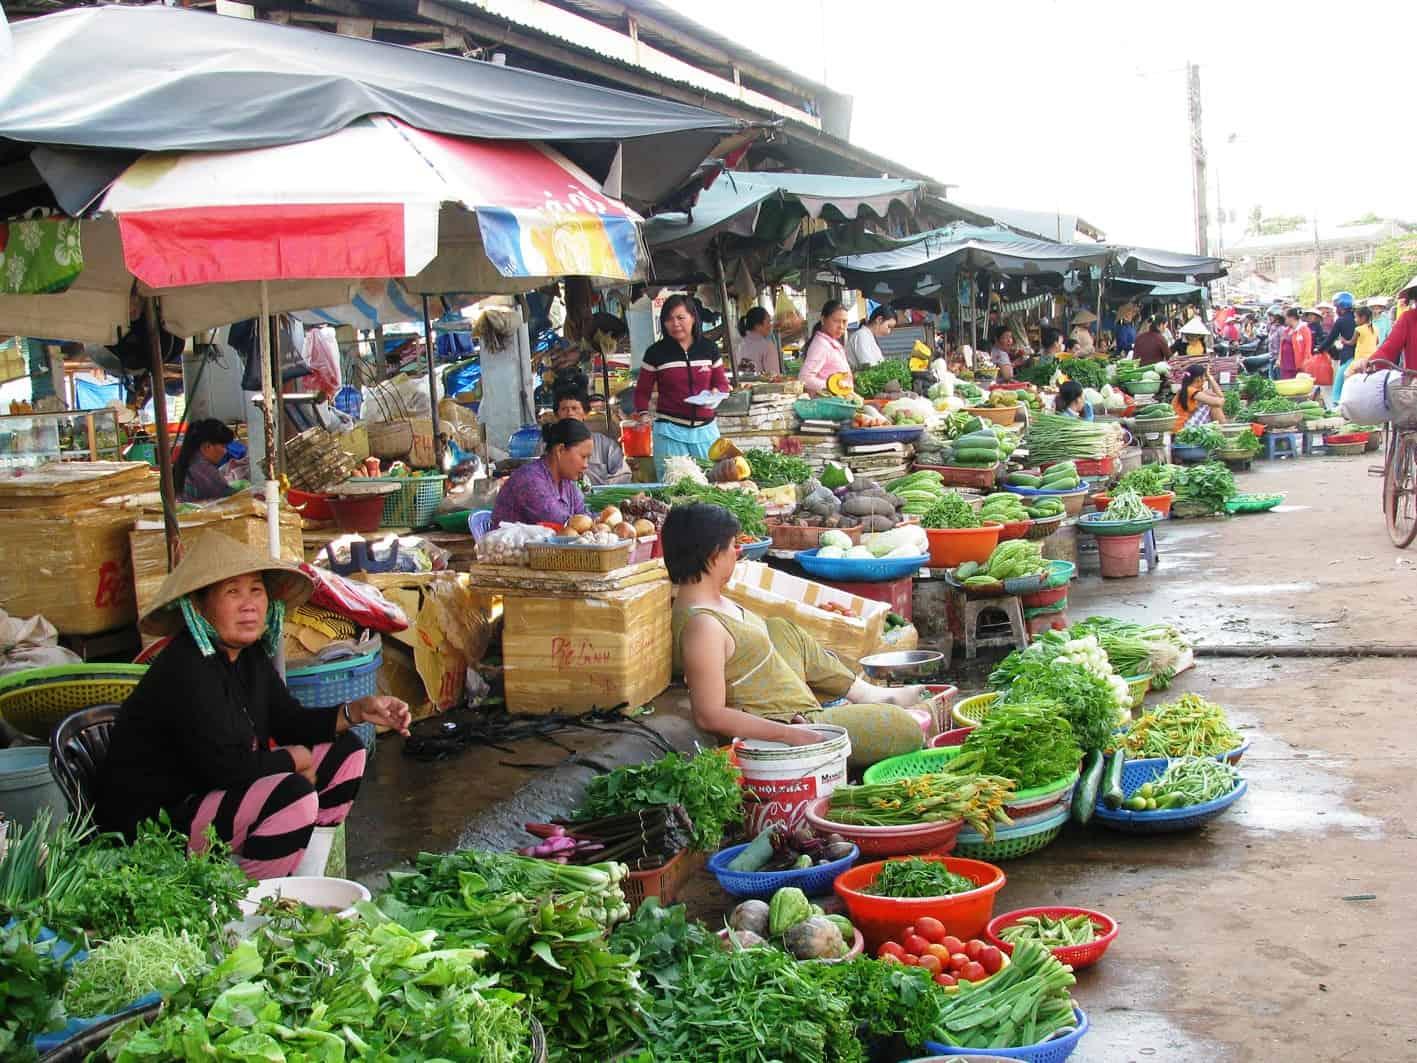 duong-dong-market-veg-seller